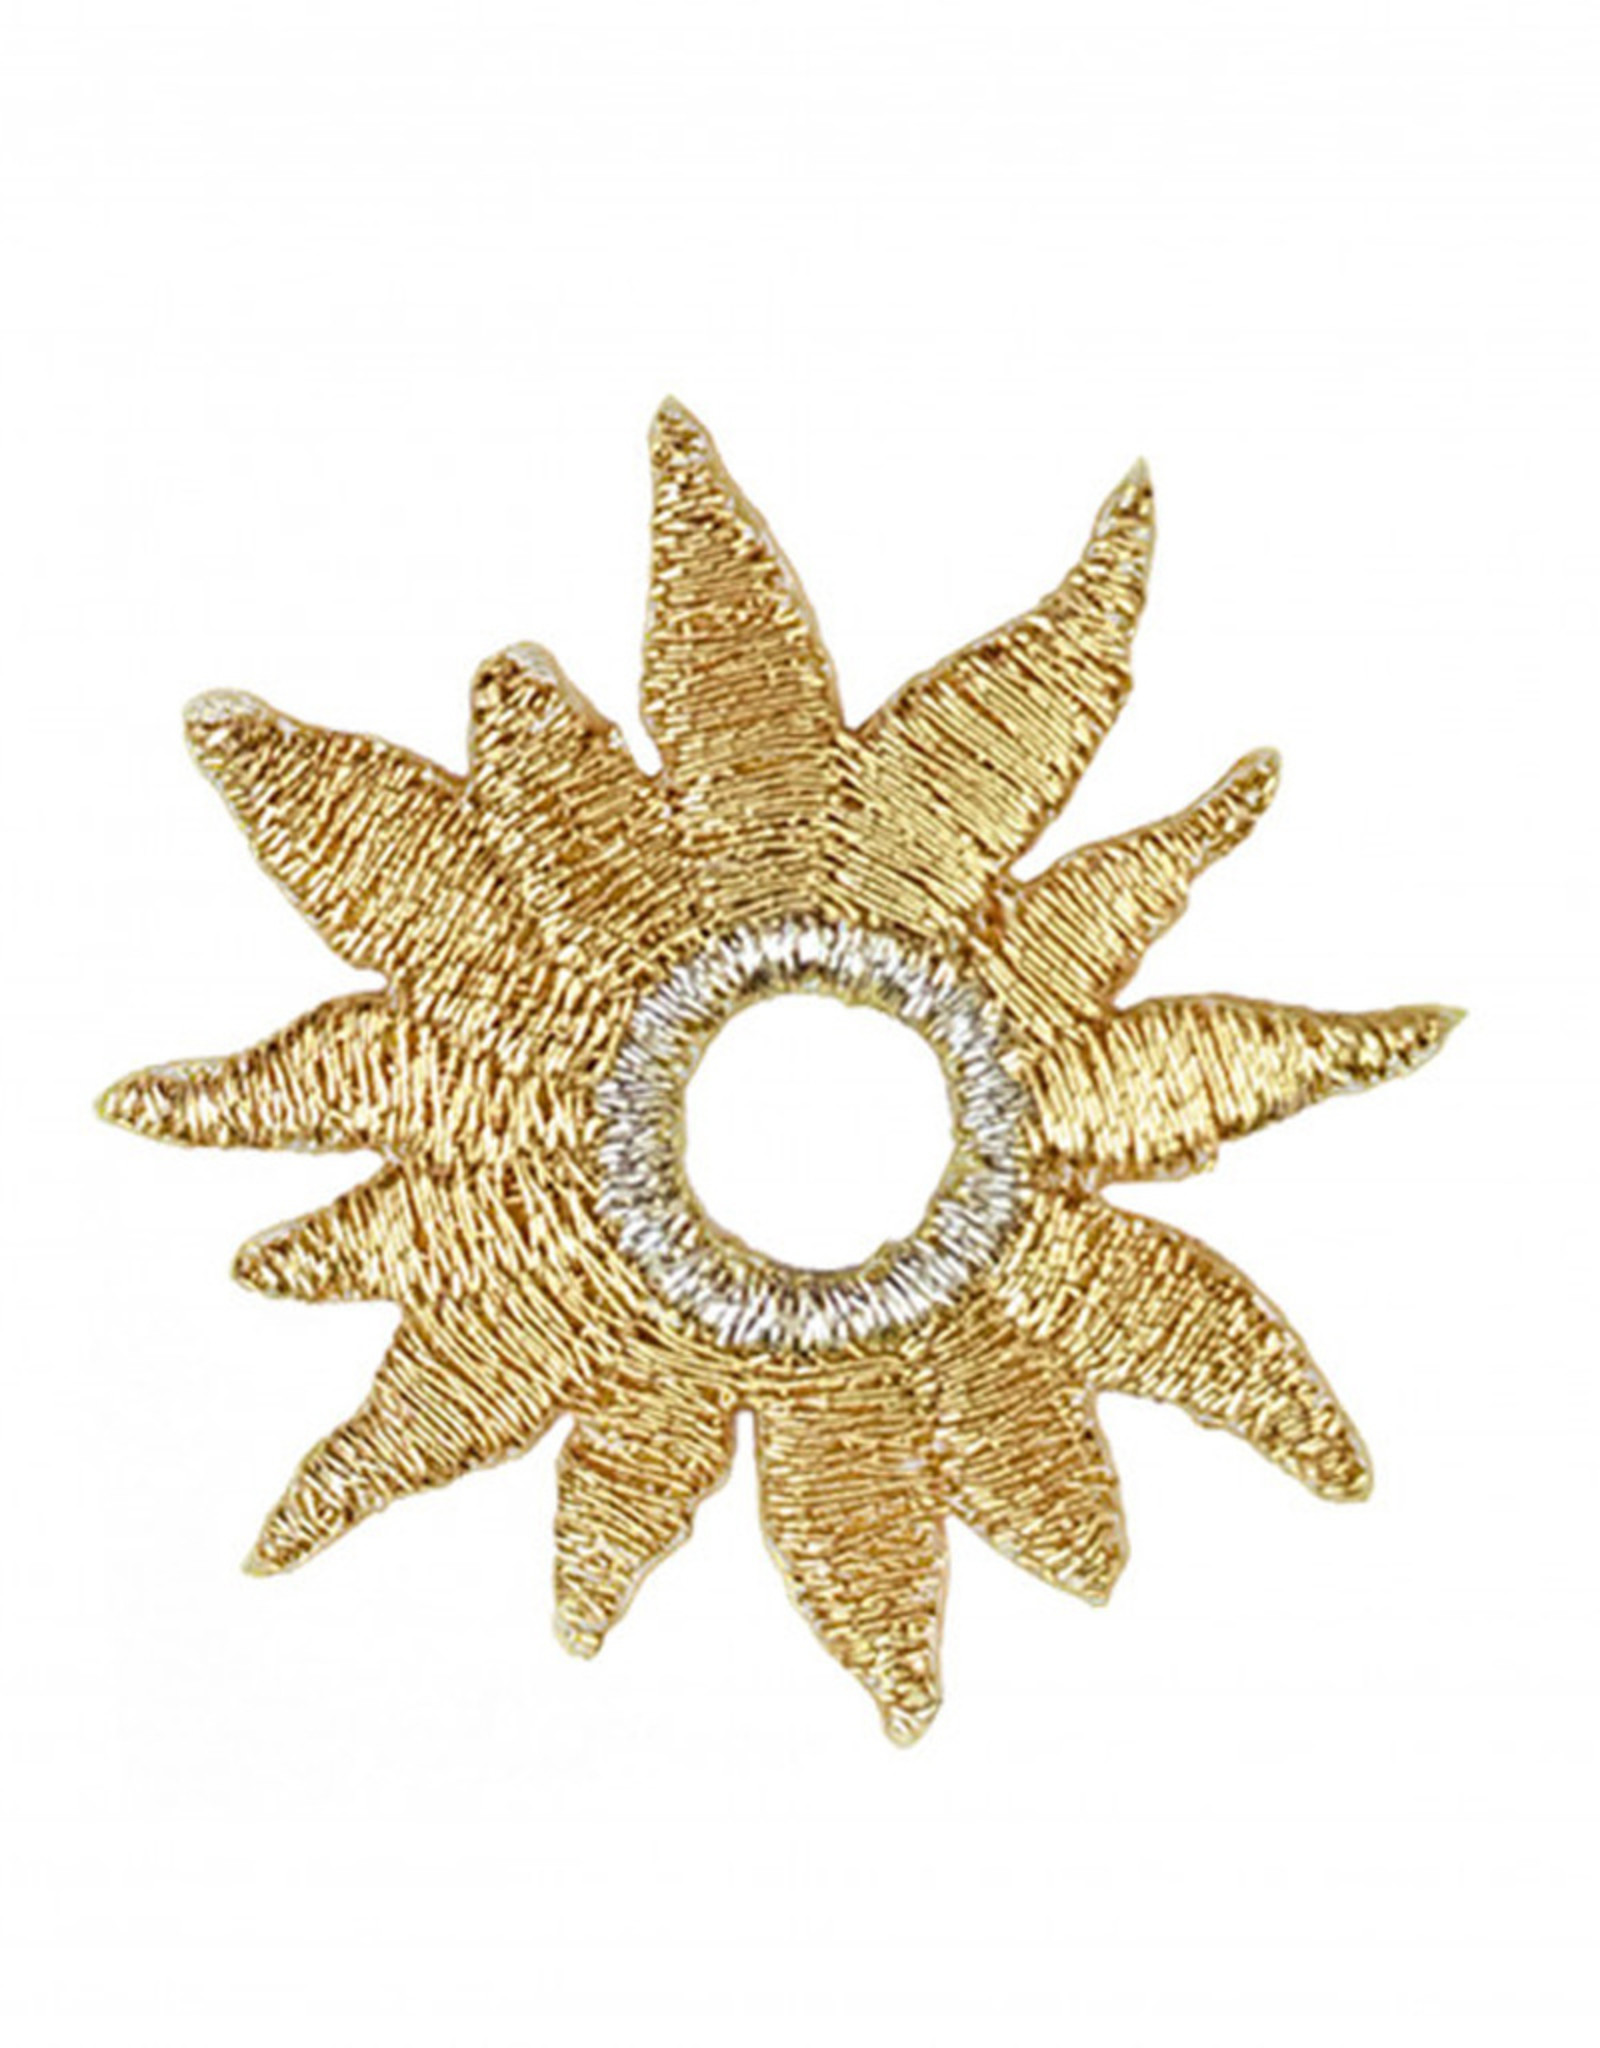 Strijkapplicatie - Golden sun